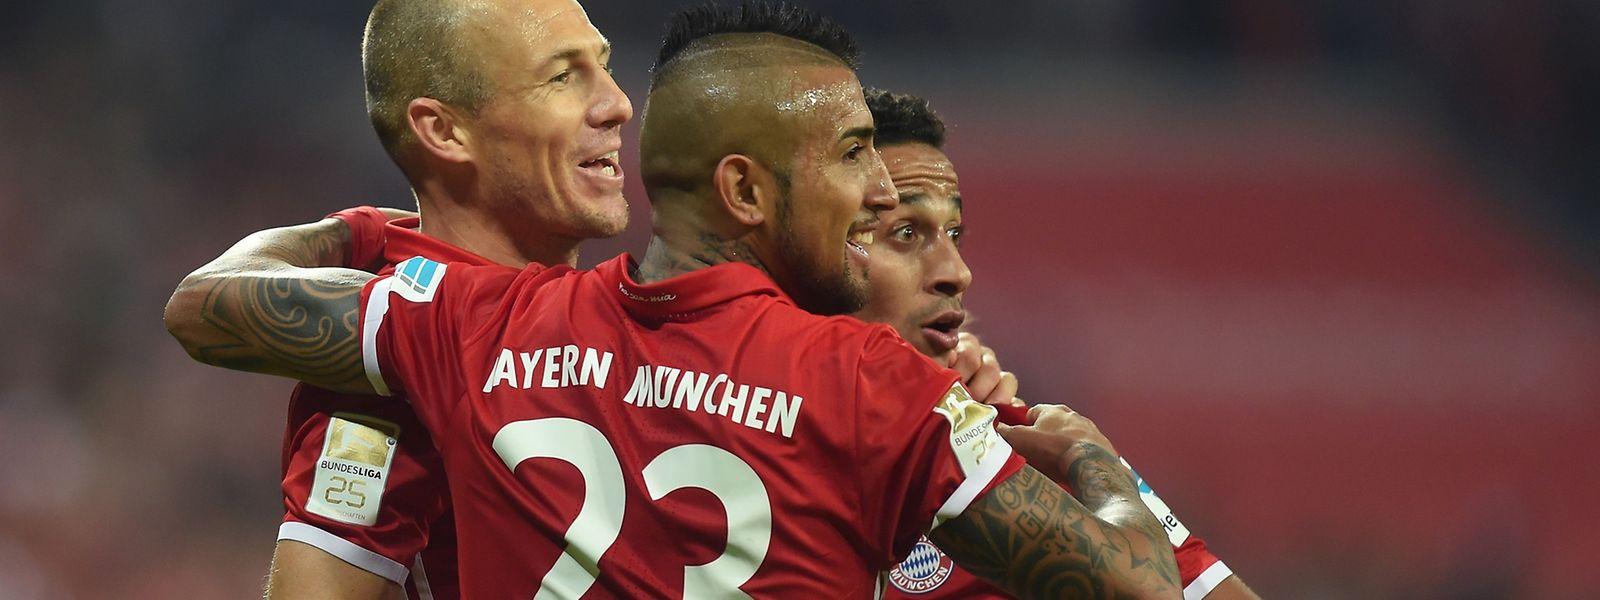 Arjen Robben ist wieder zurück und schießt die Bayern zum Sieg.